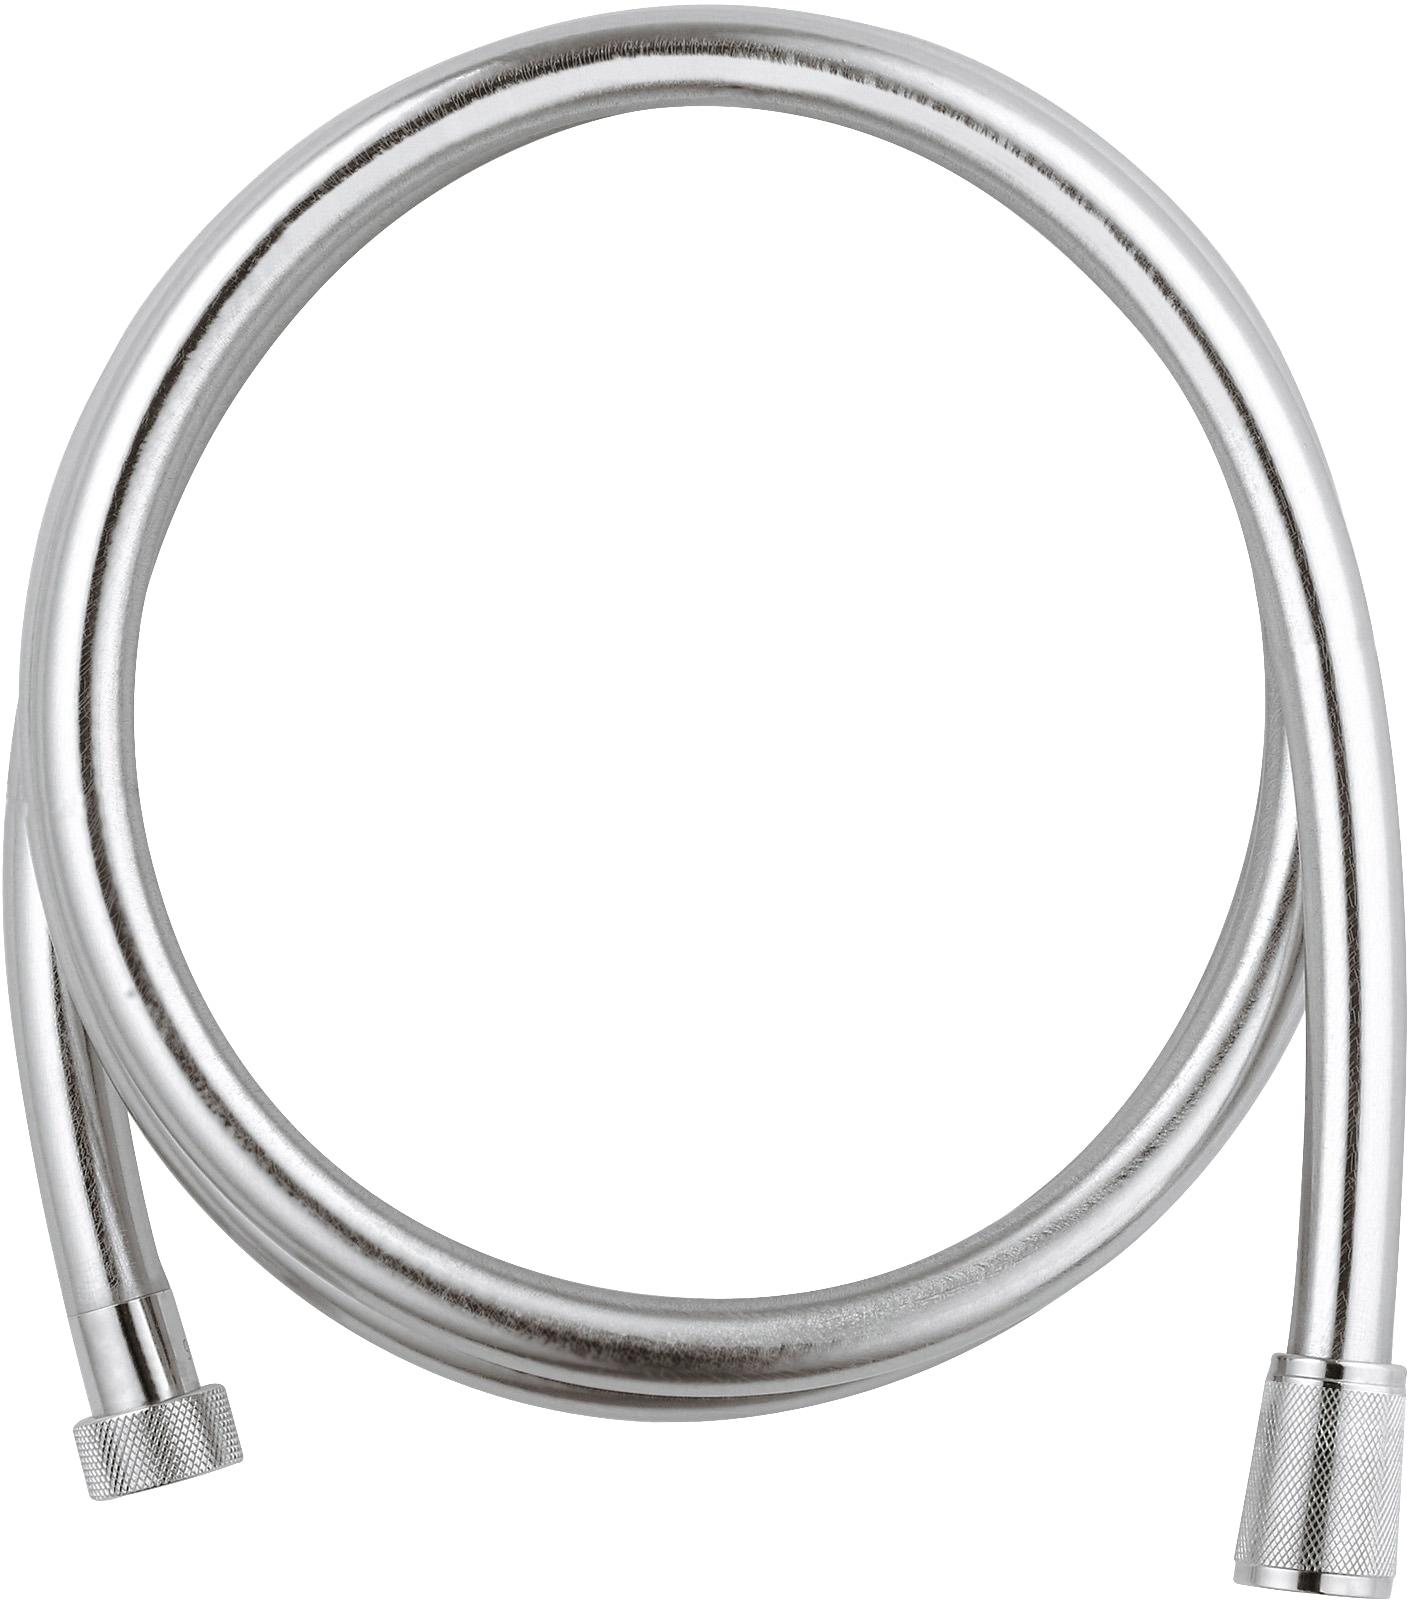 GROHE Duschbrausenschlauch »VitalioFlex Comfort 1750«, Länge 175 cm | Bad > Armaturen > Brauseschläuche | Silberfarben | Kunststoff | GROHE